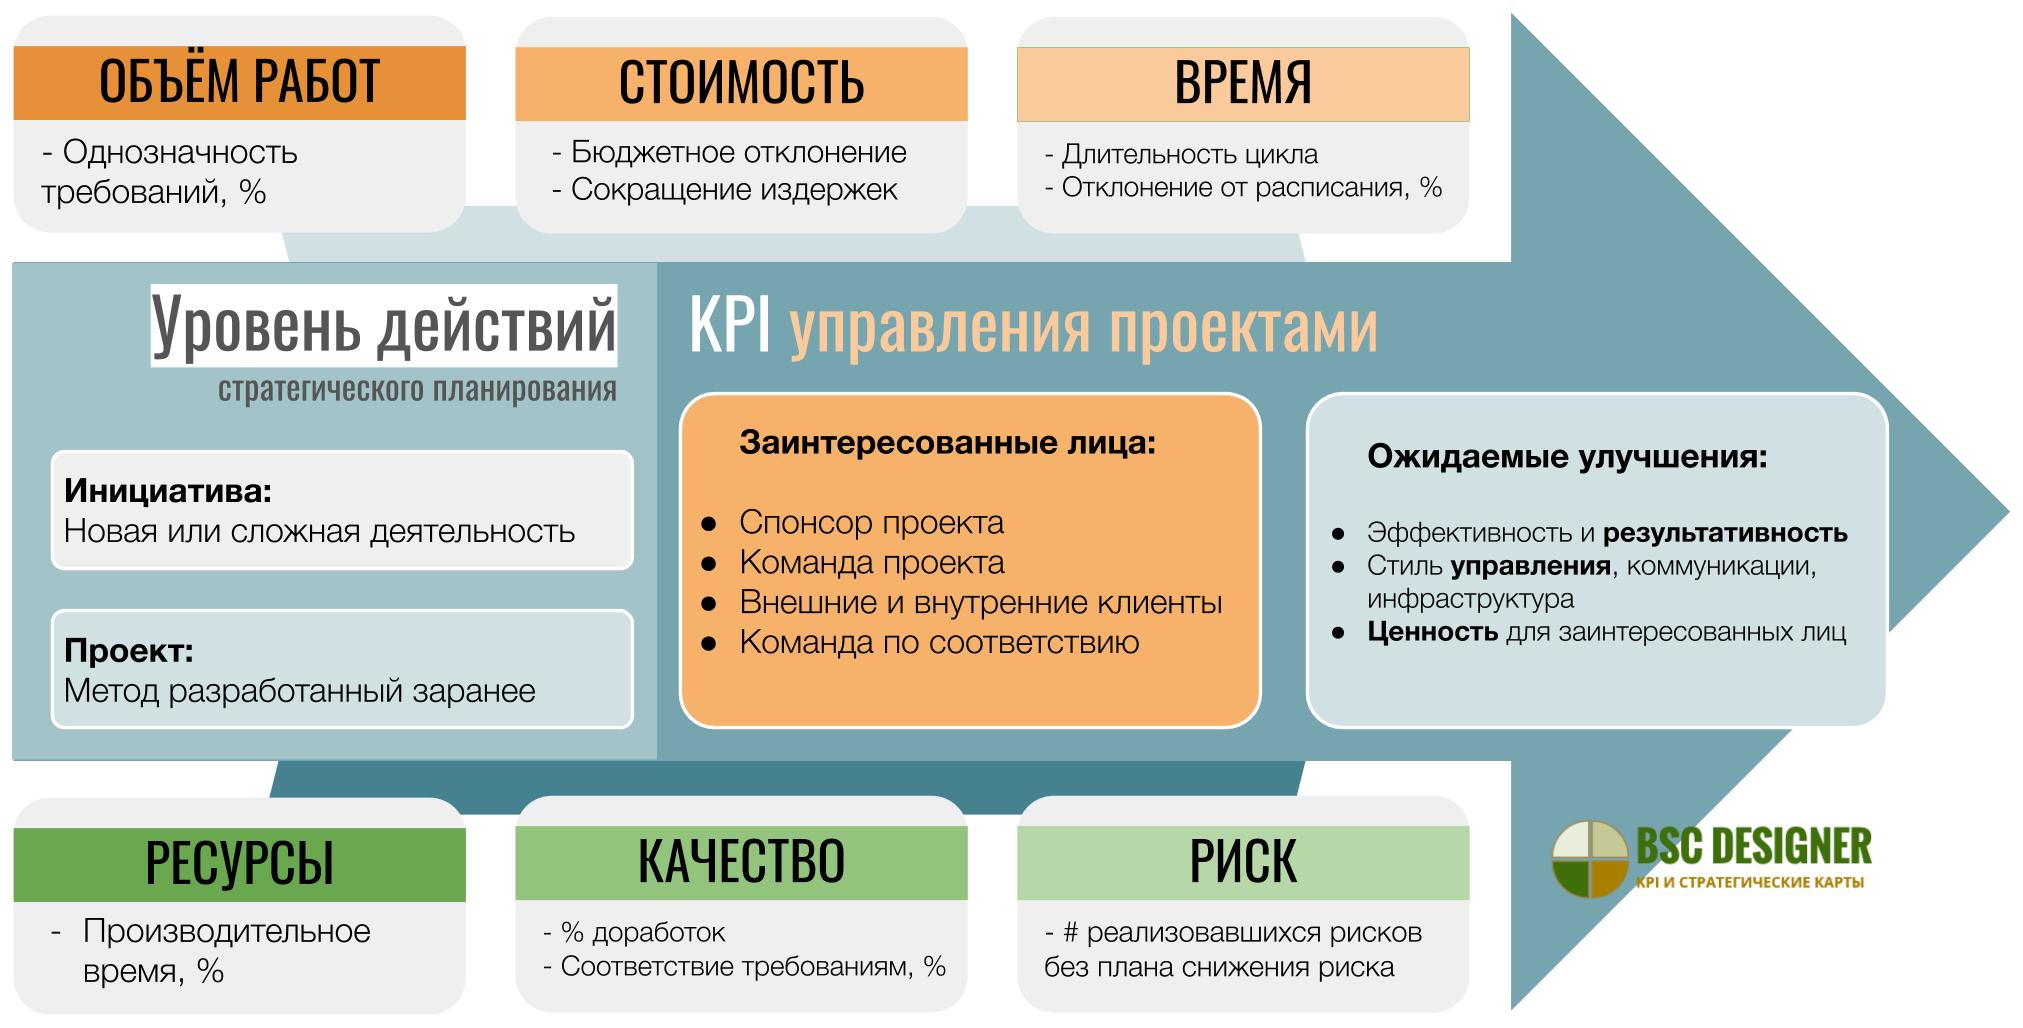 KPI для управления проектами